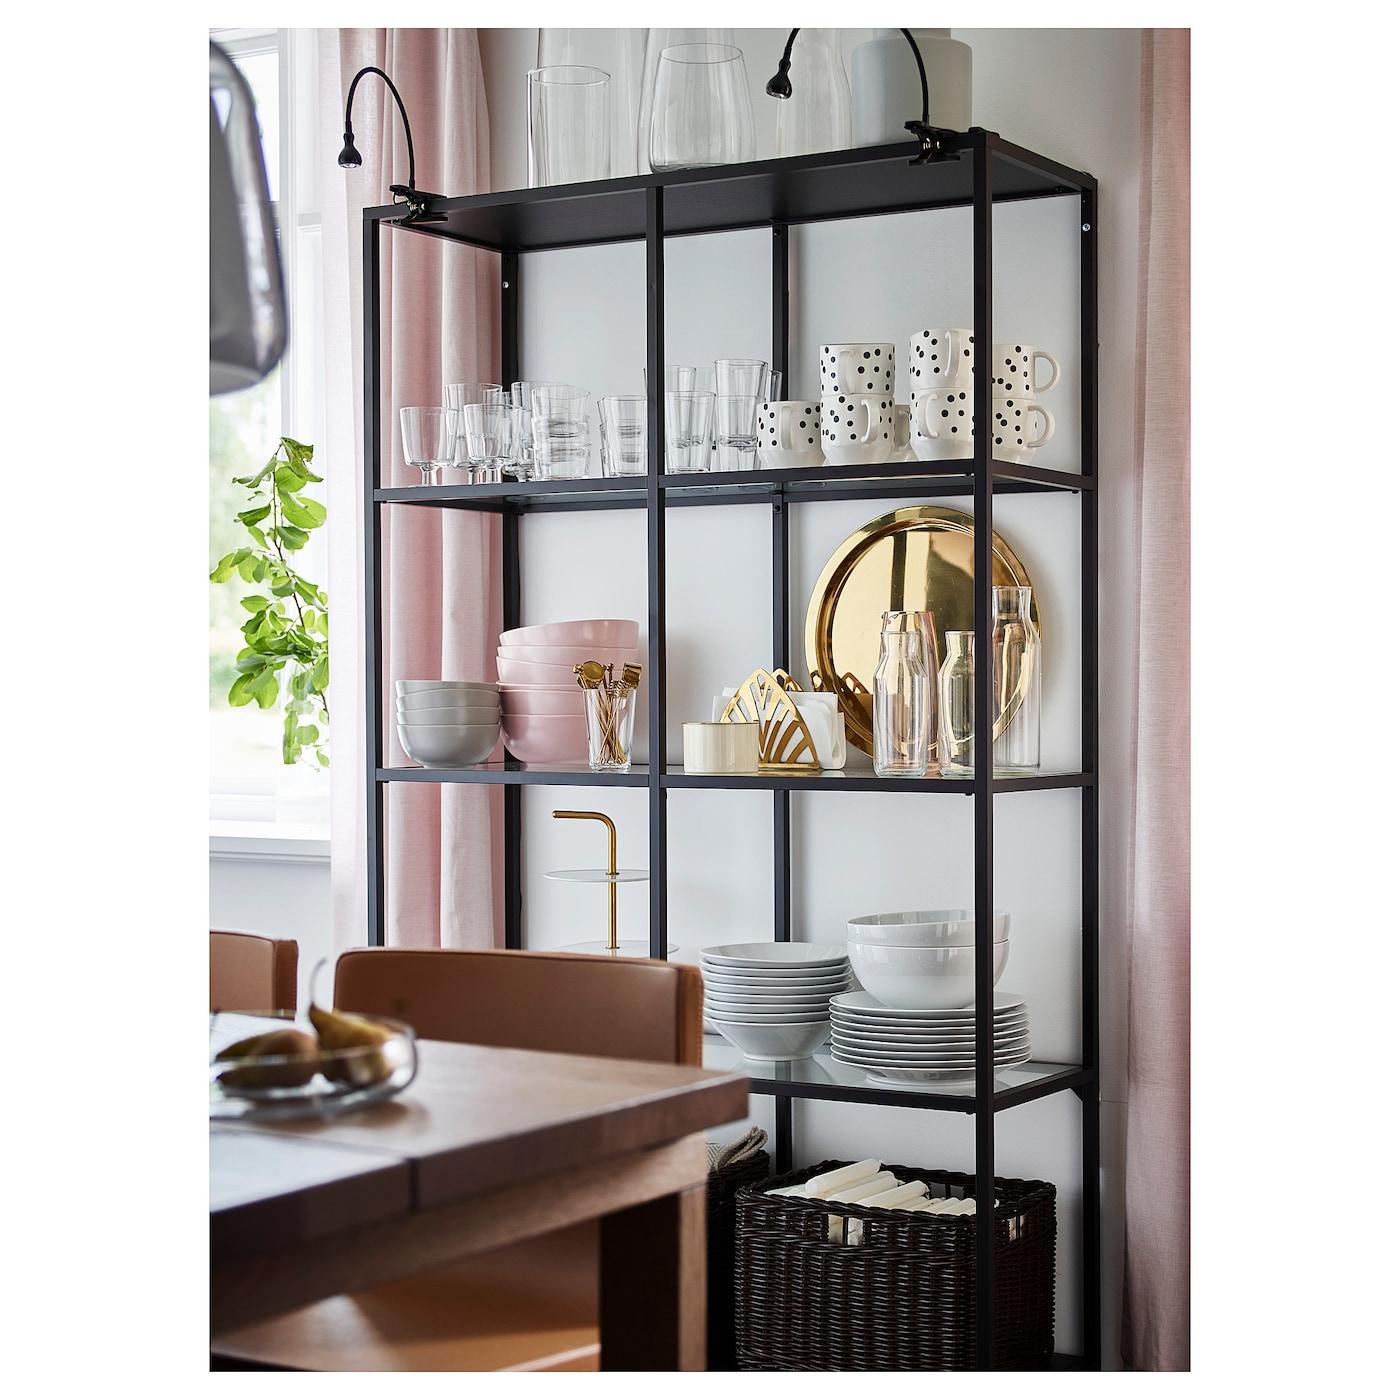 Vittsjo Shelf Unit Black Brown Glass Width 39 3 8 Ikea